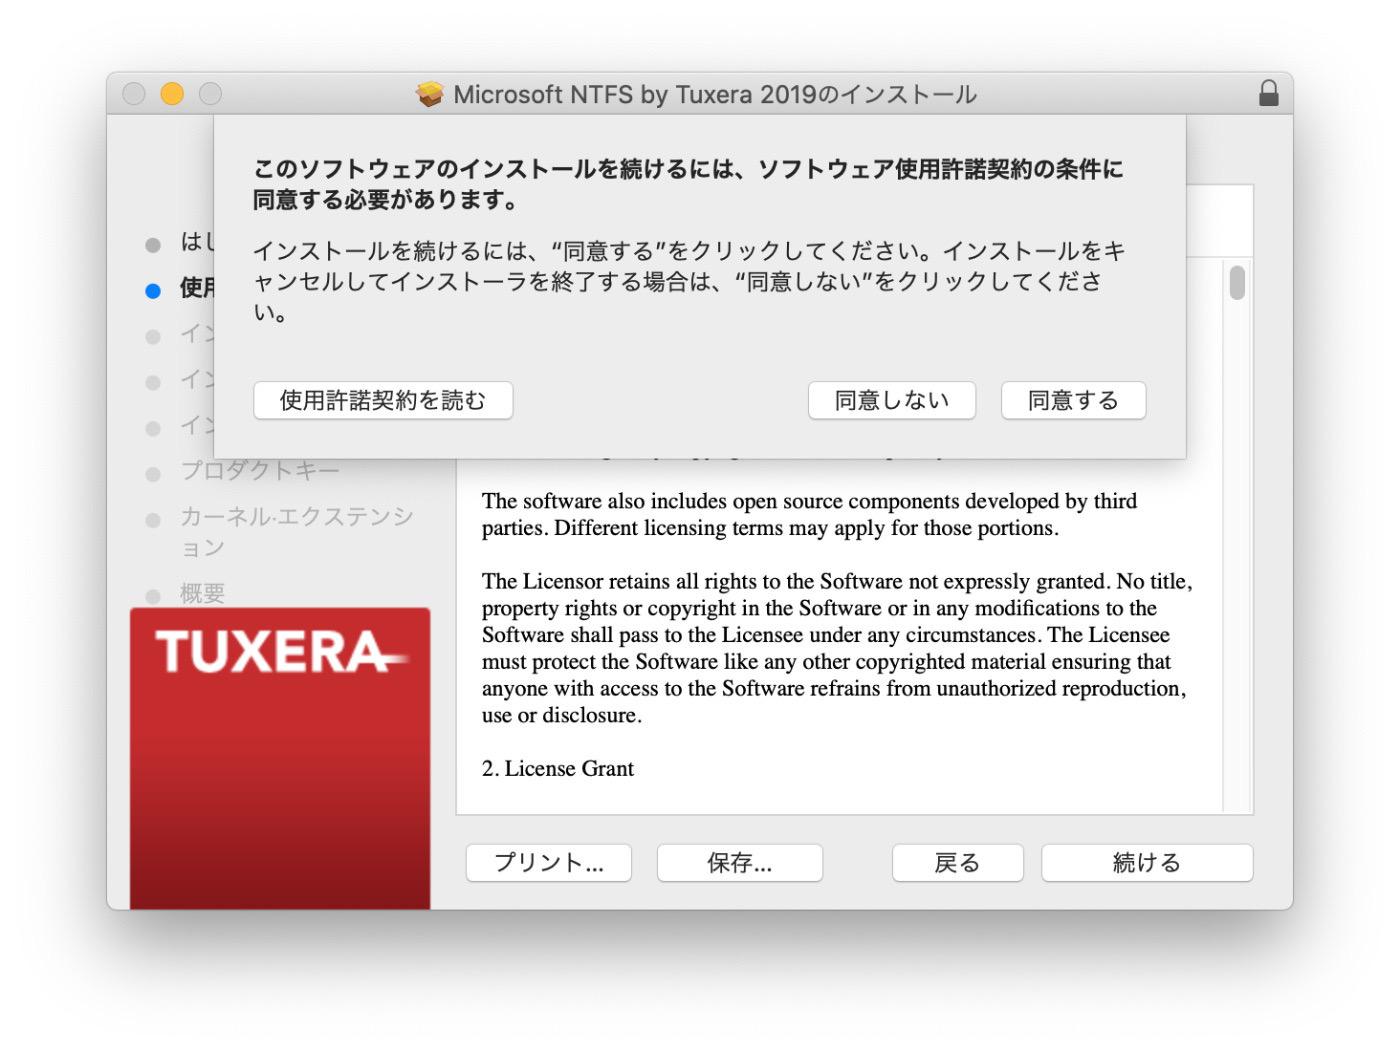 TUXERA−9